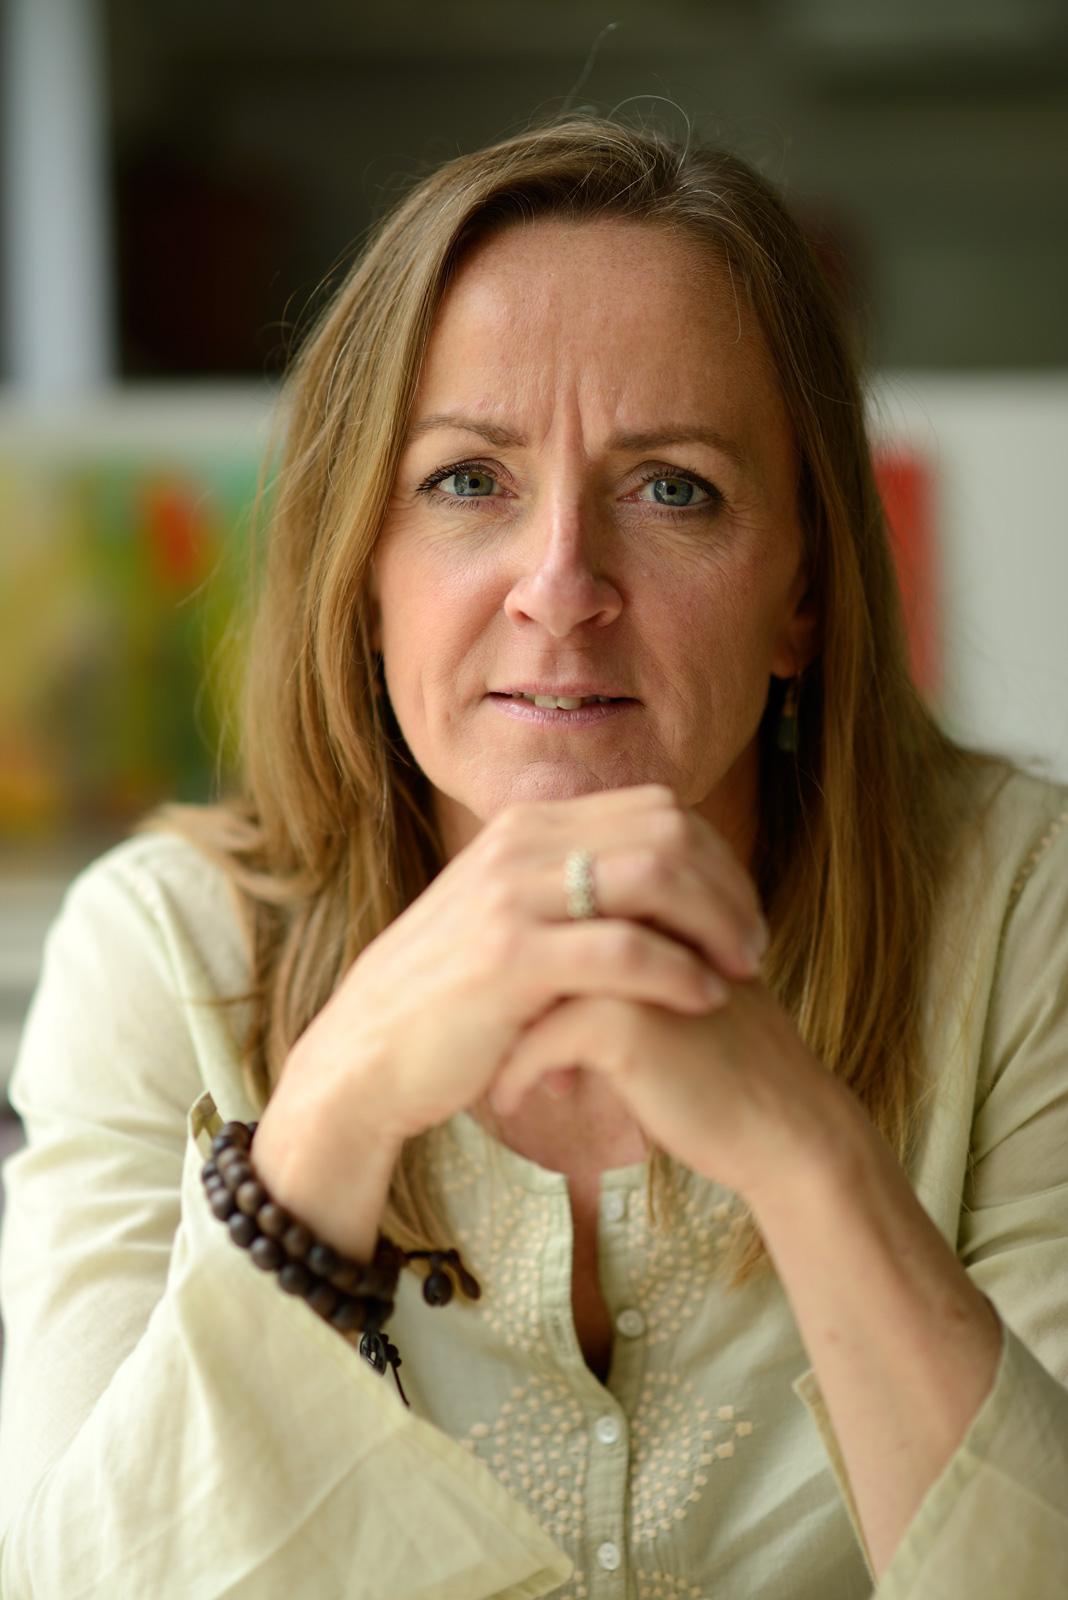 Tina Fugl